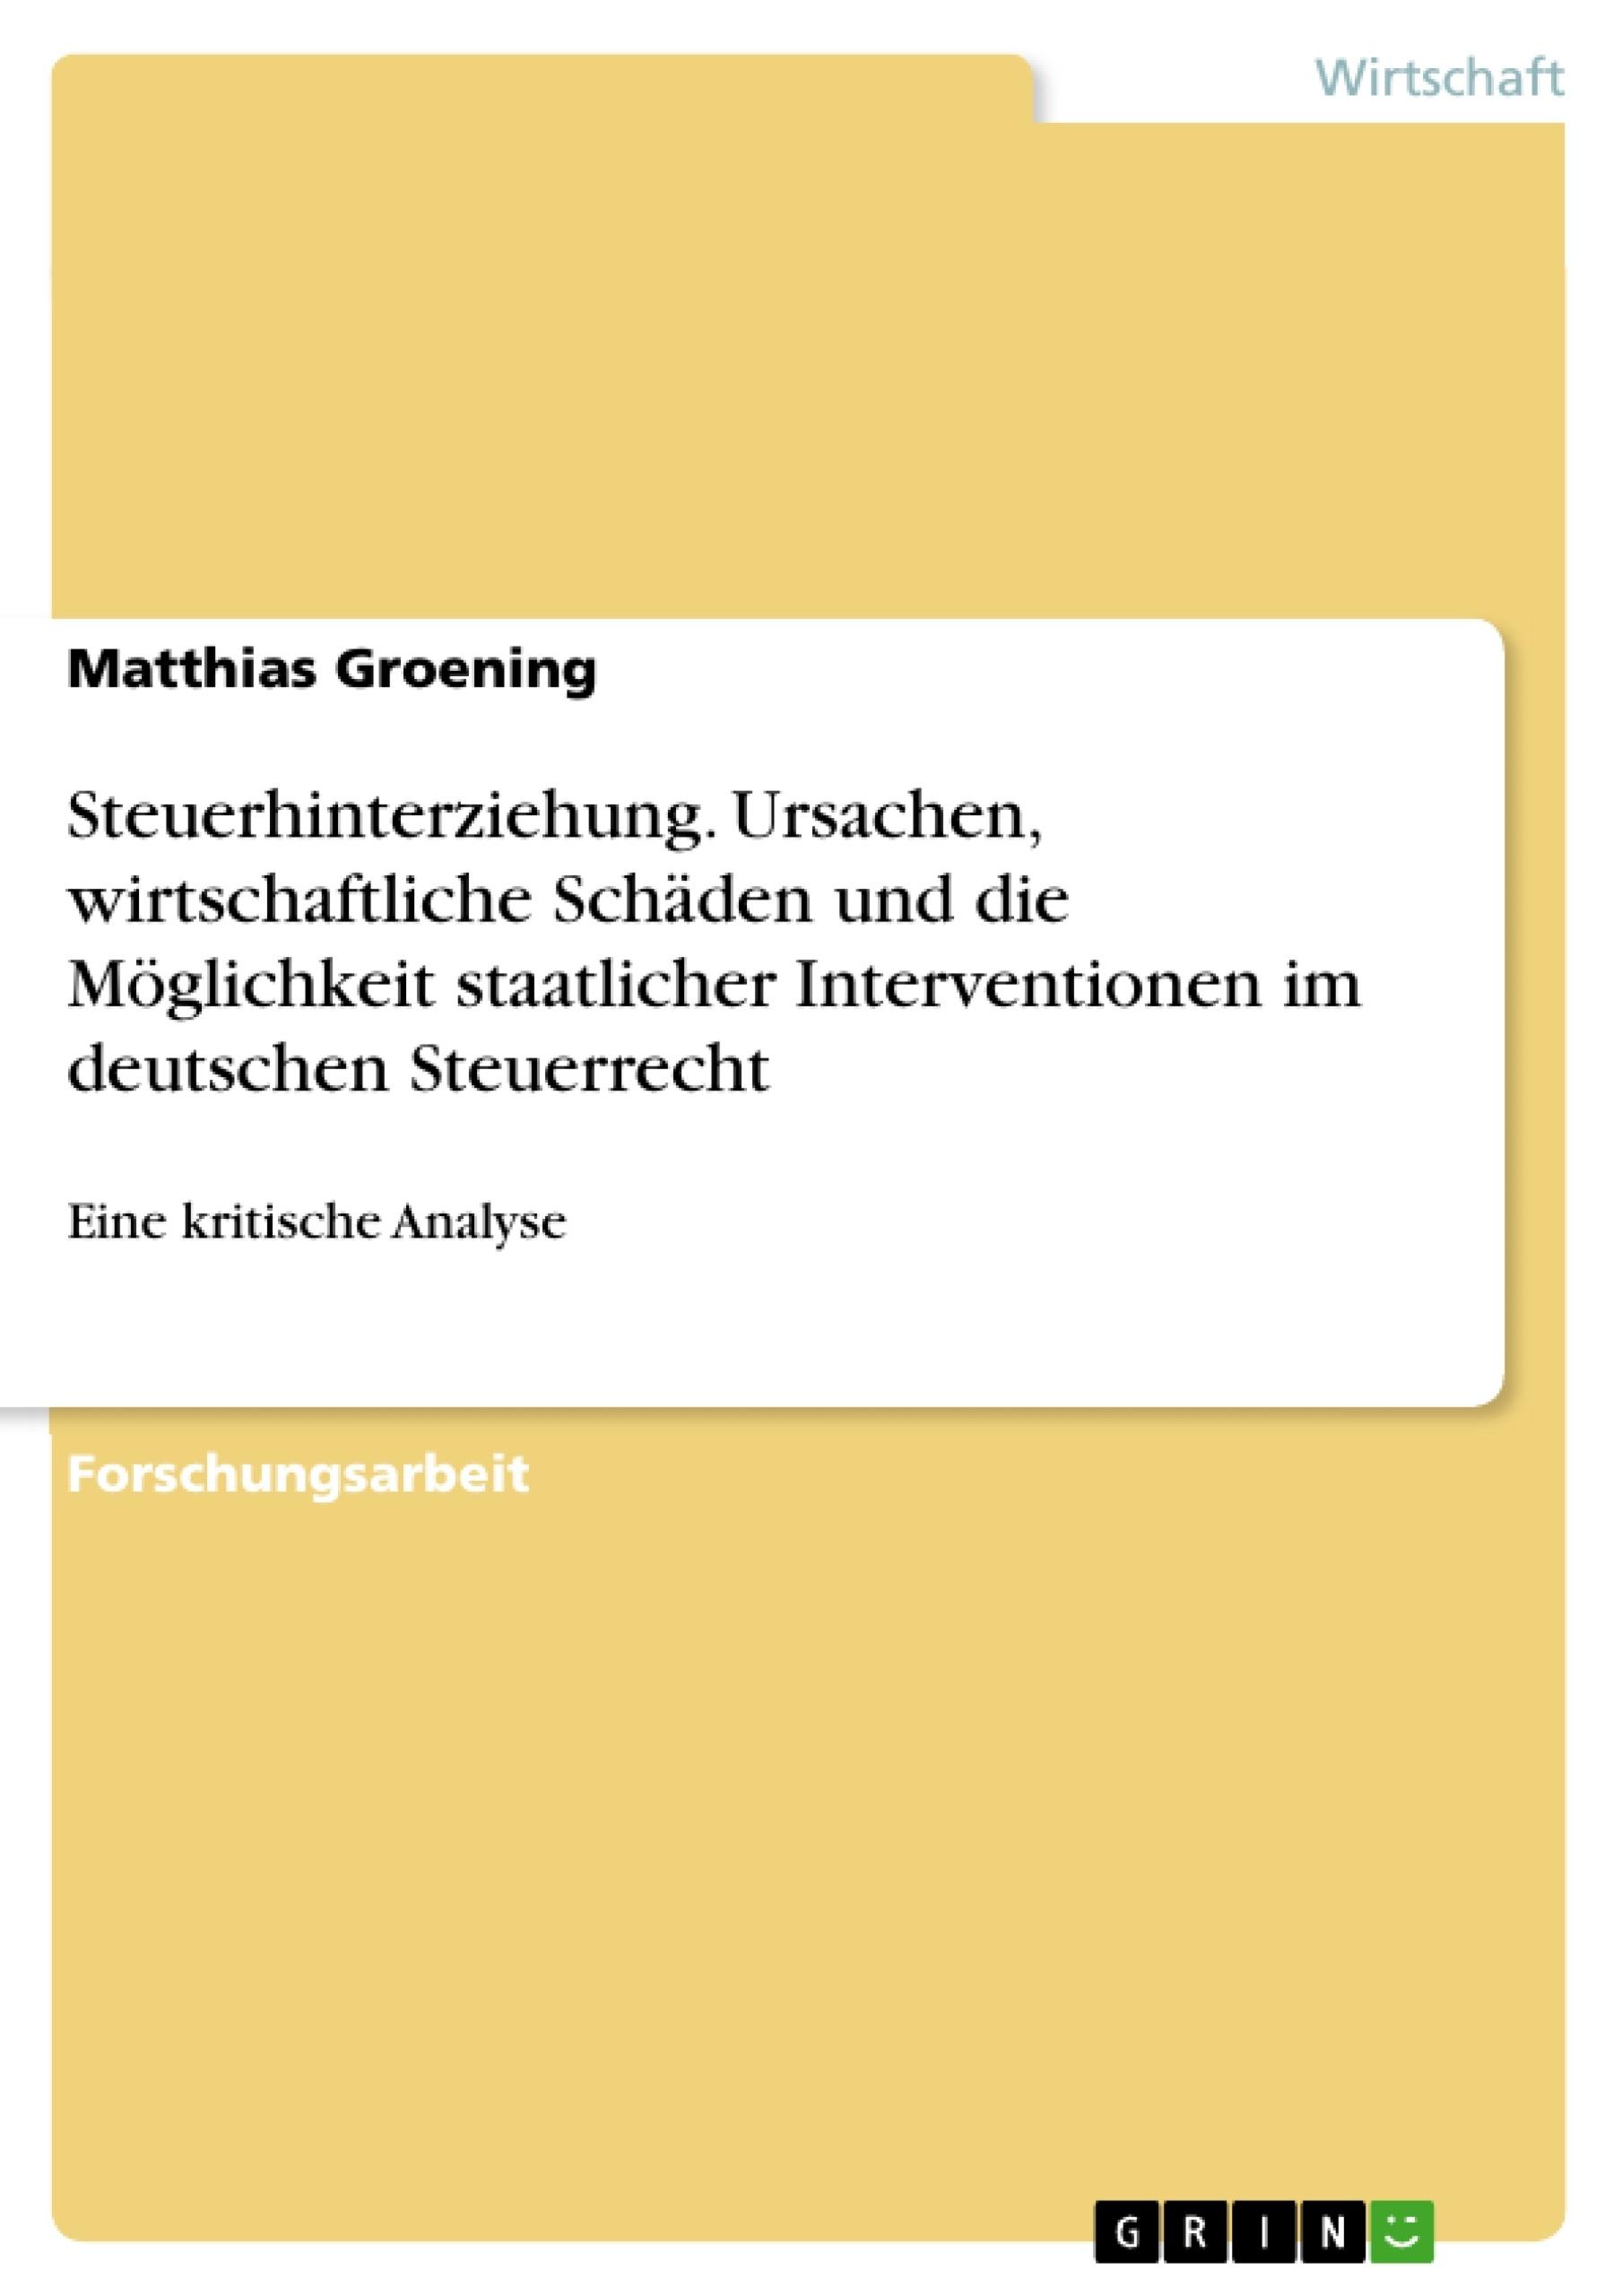 Titel: Steuerhinterziehung. Ursachen, wirtschaftliche Schäden und die Möglichkeit staatlicher Interventionen im deutschen Steuerrecht